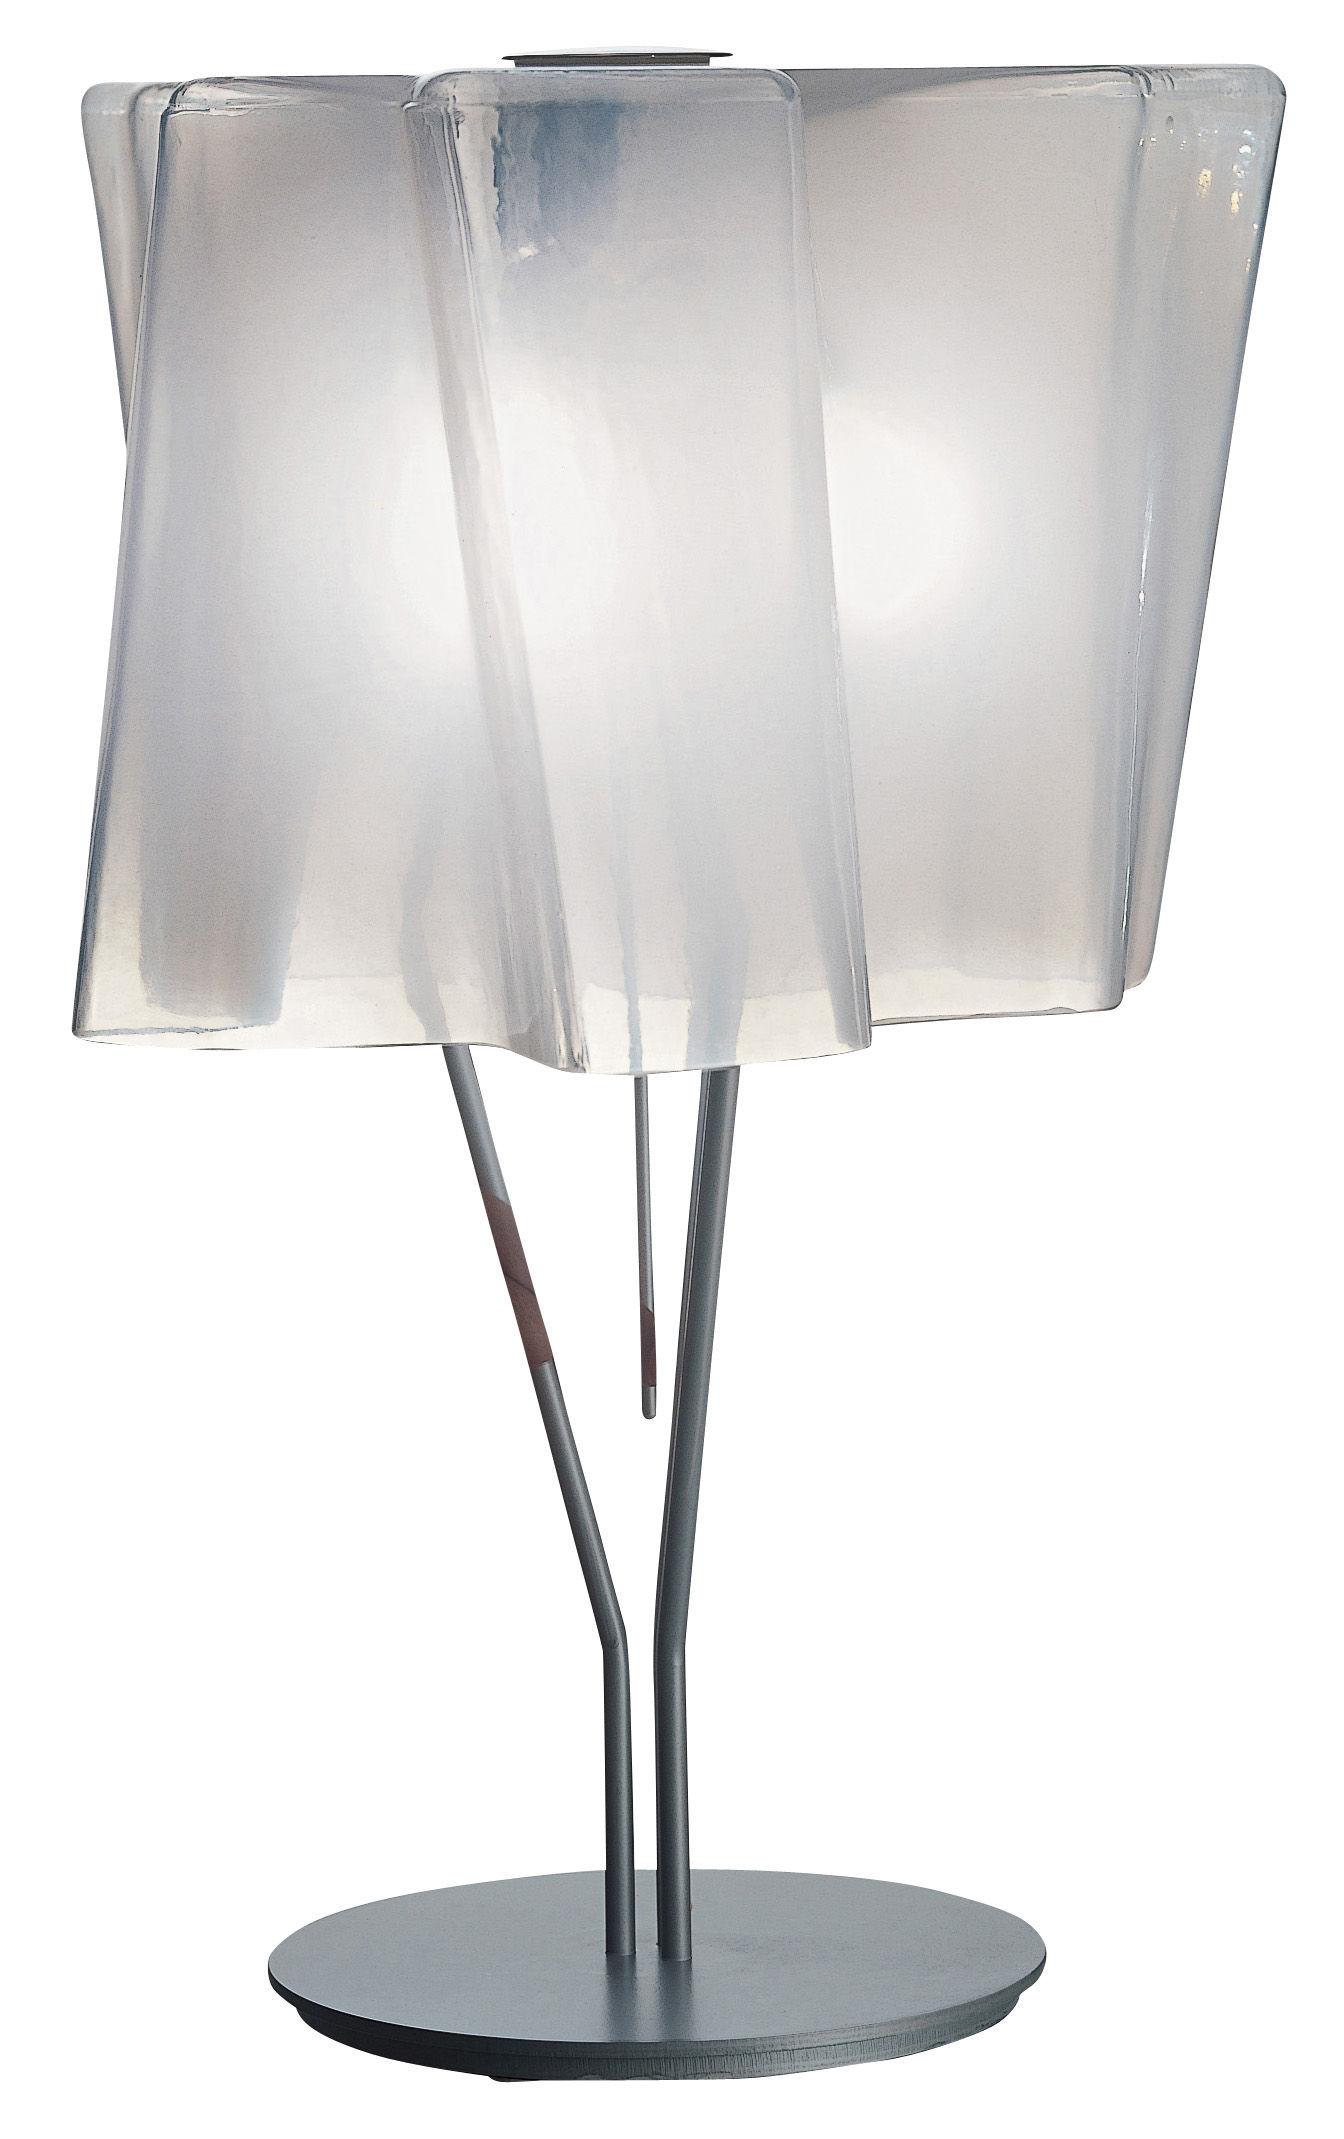 Leuchten - Tischleuchten - Logico grande Tischleuchte - Artemide - Weiß - H 64 cm - geblasenes Glas, lackiertes Metall